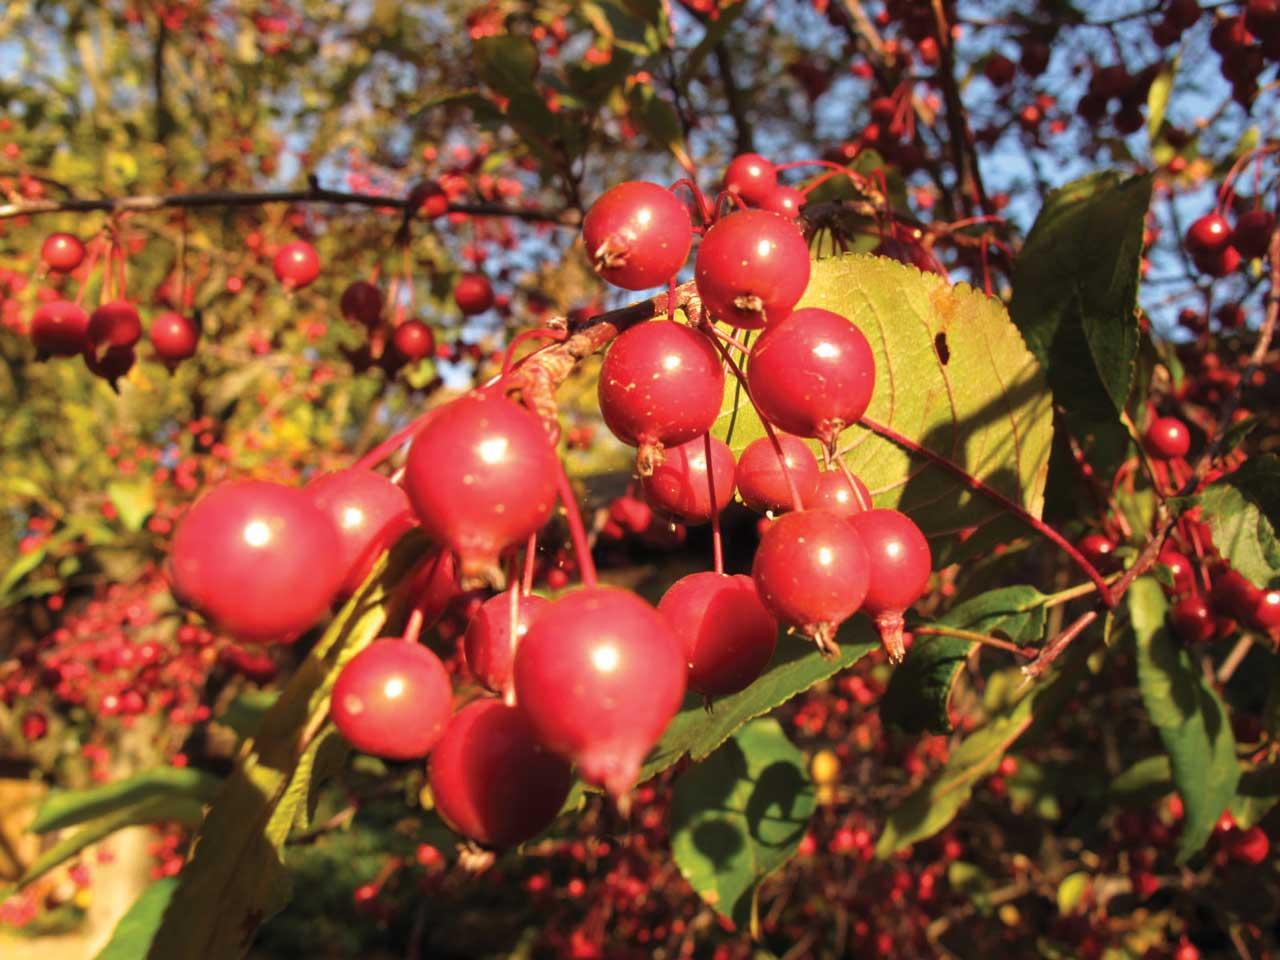 moreberries